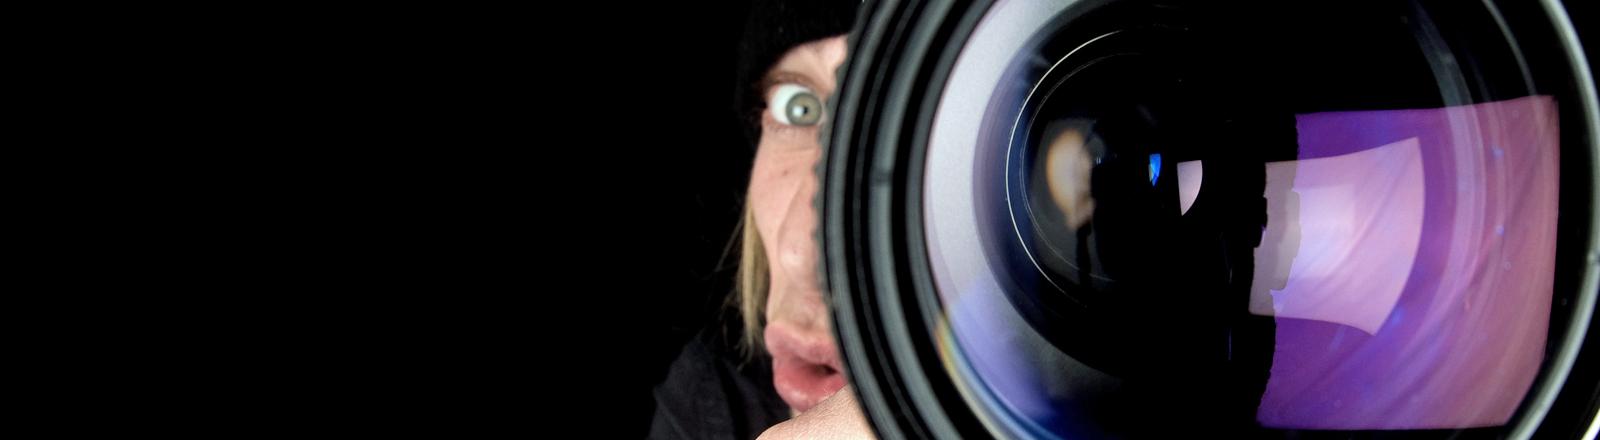 Ein Mann schaut durch seine Kamera und macht dabei ein recht dümmliches Gesicht.